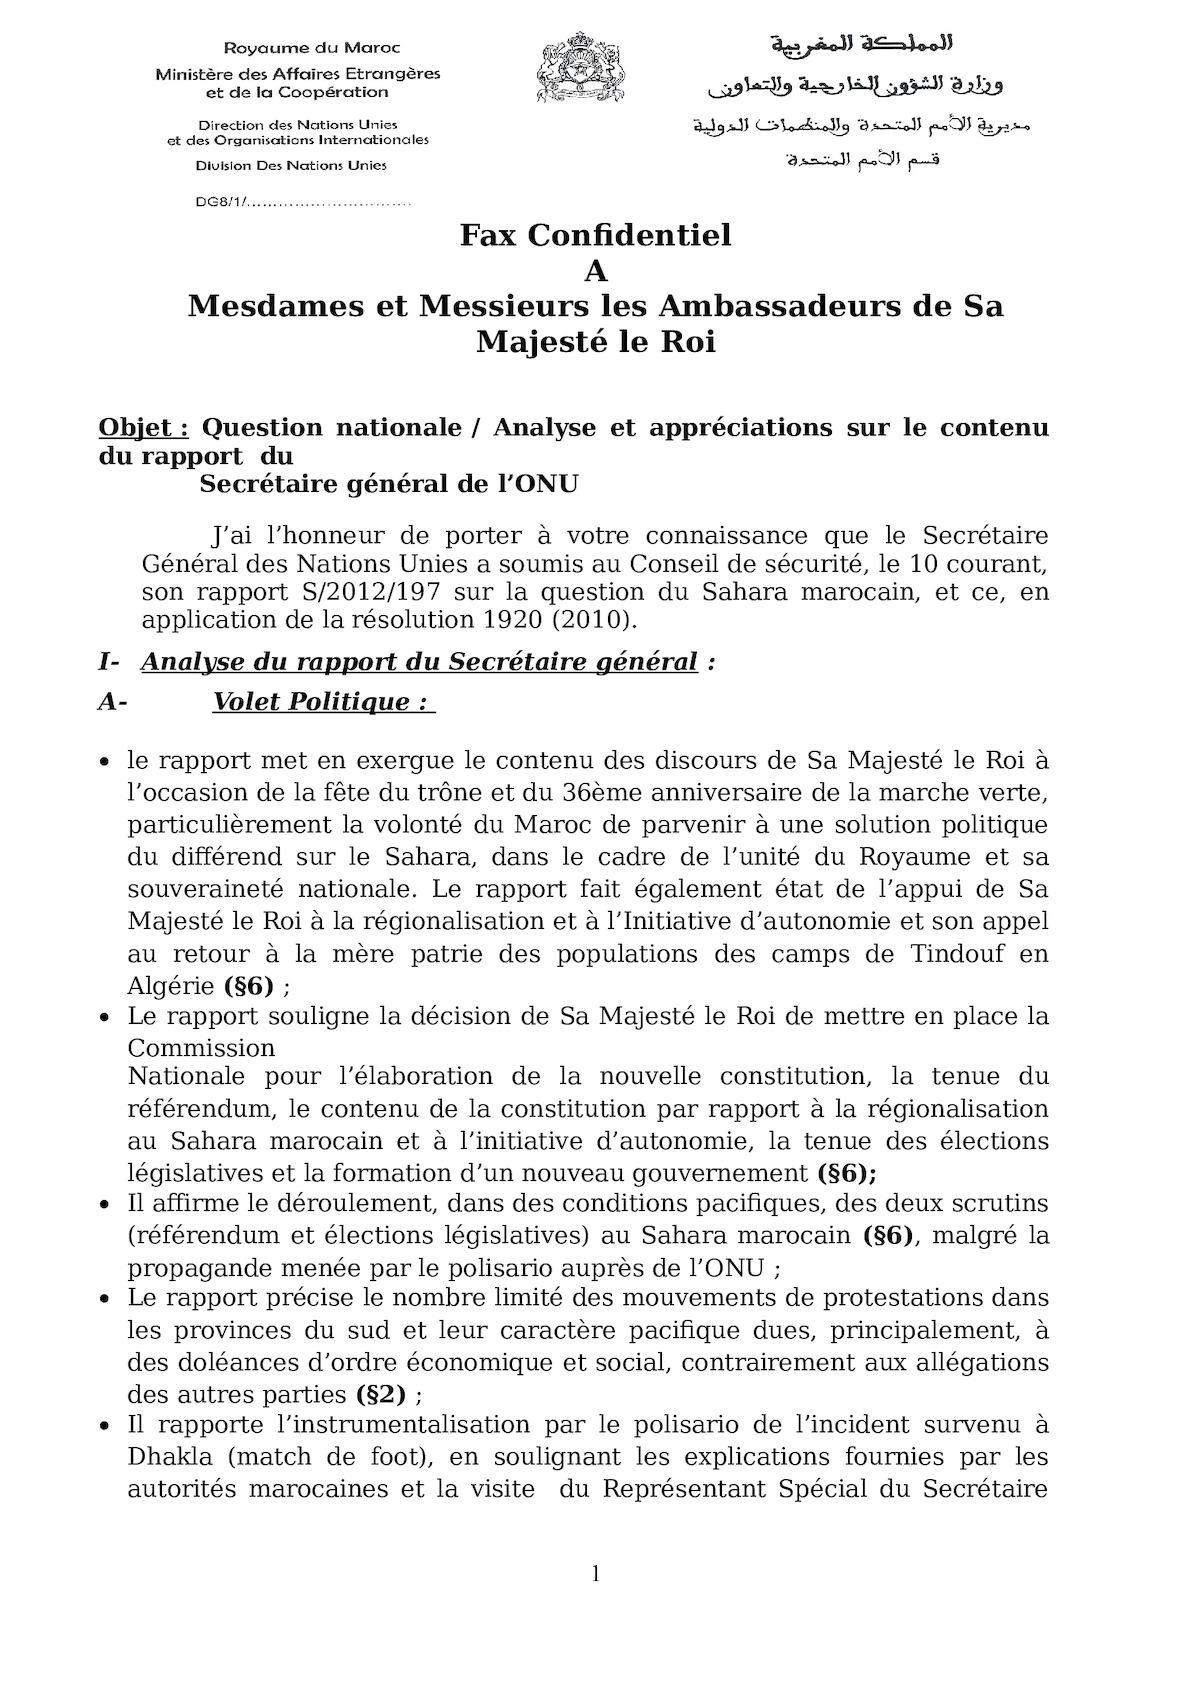 Analyse Du Rapport Du SG 2012 Lecture Postes12 04 2012 (2).